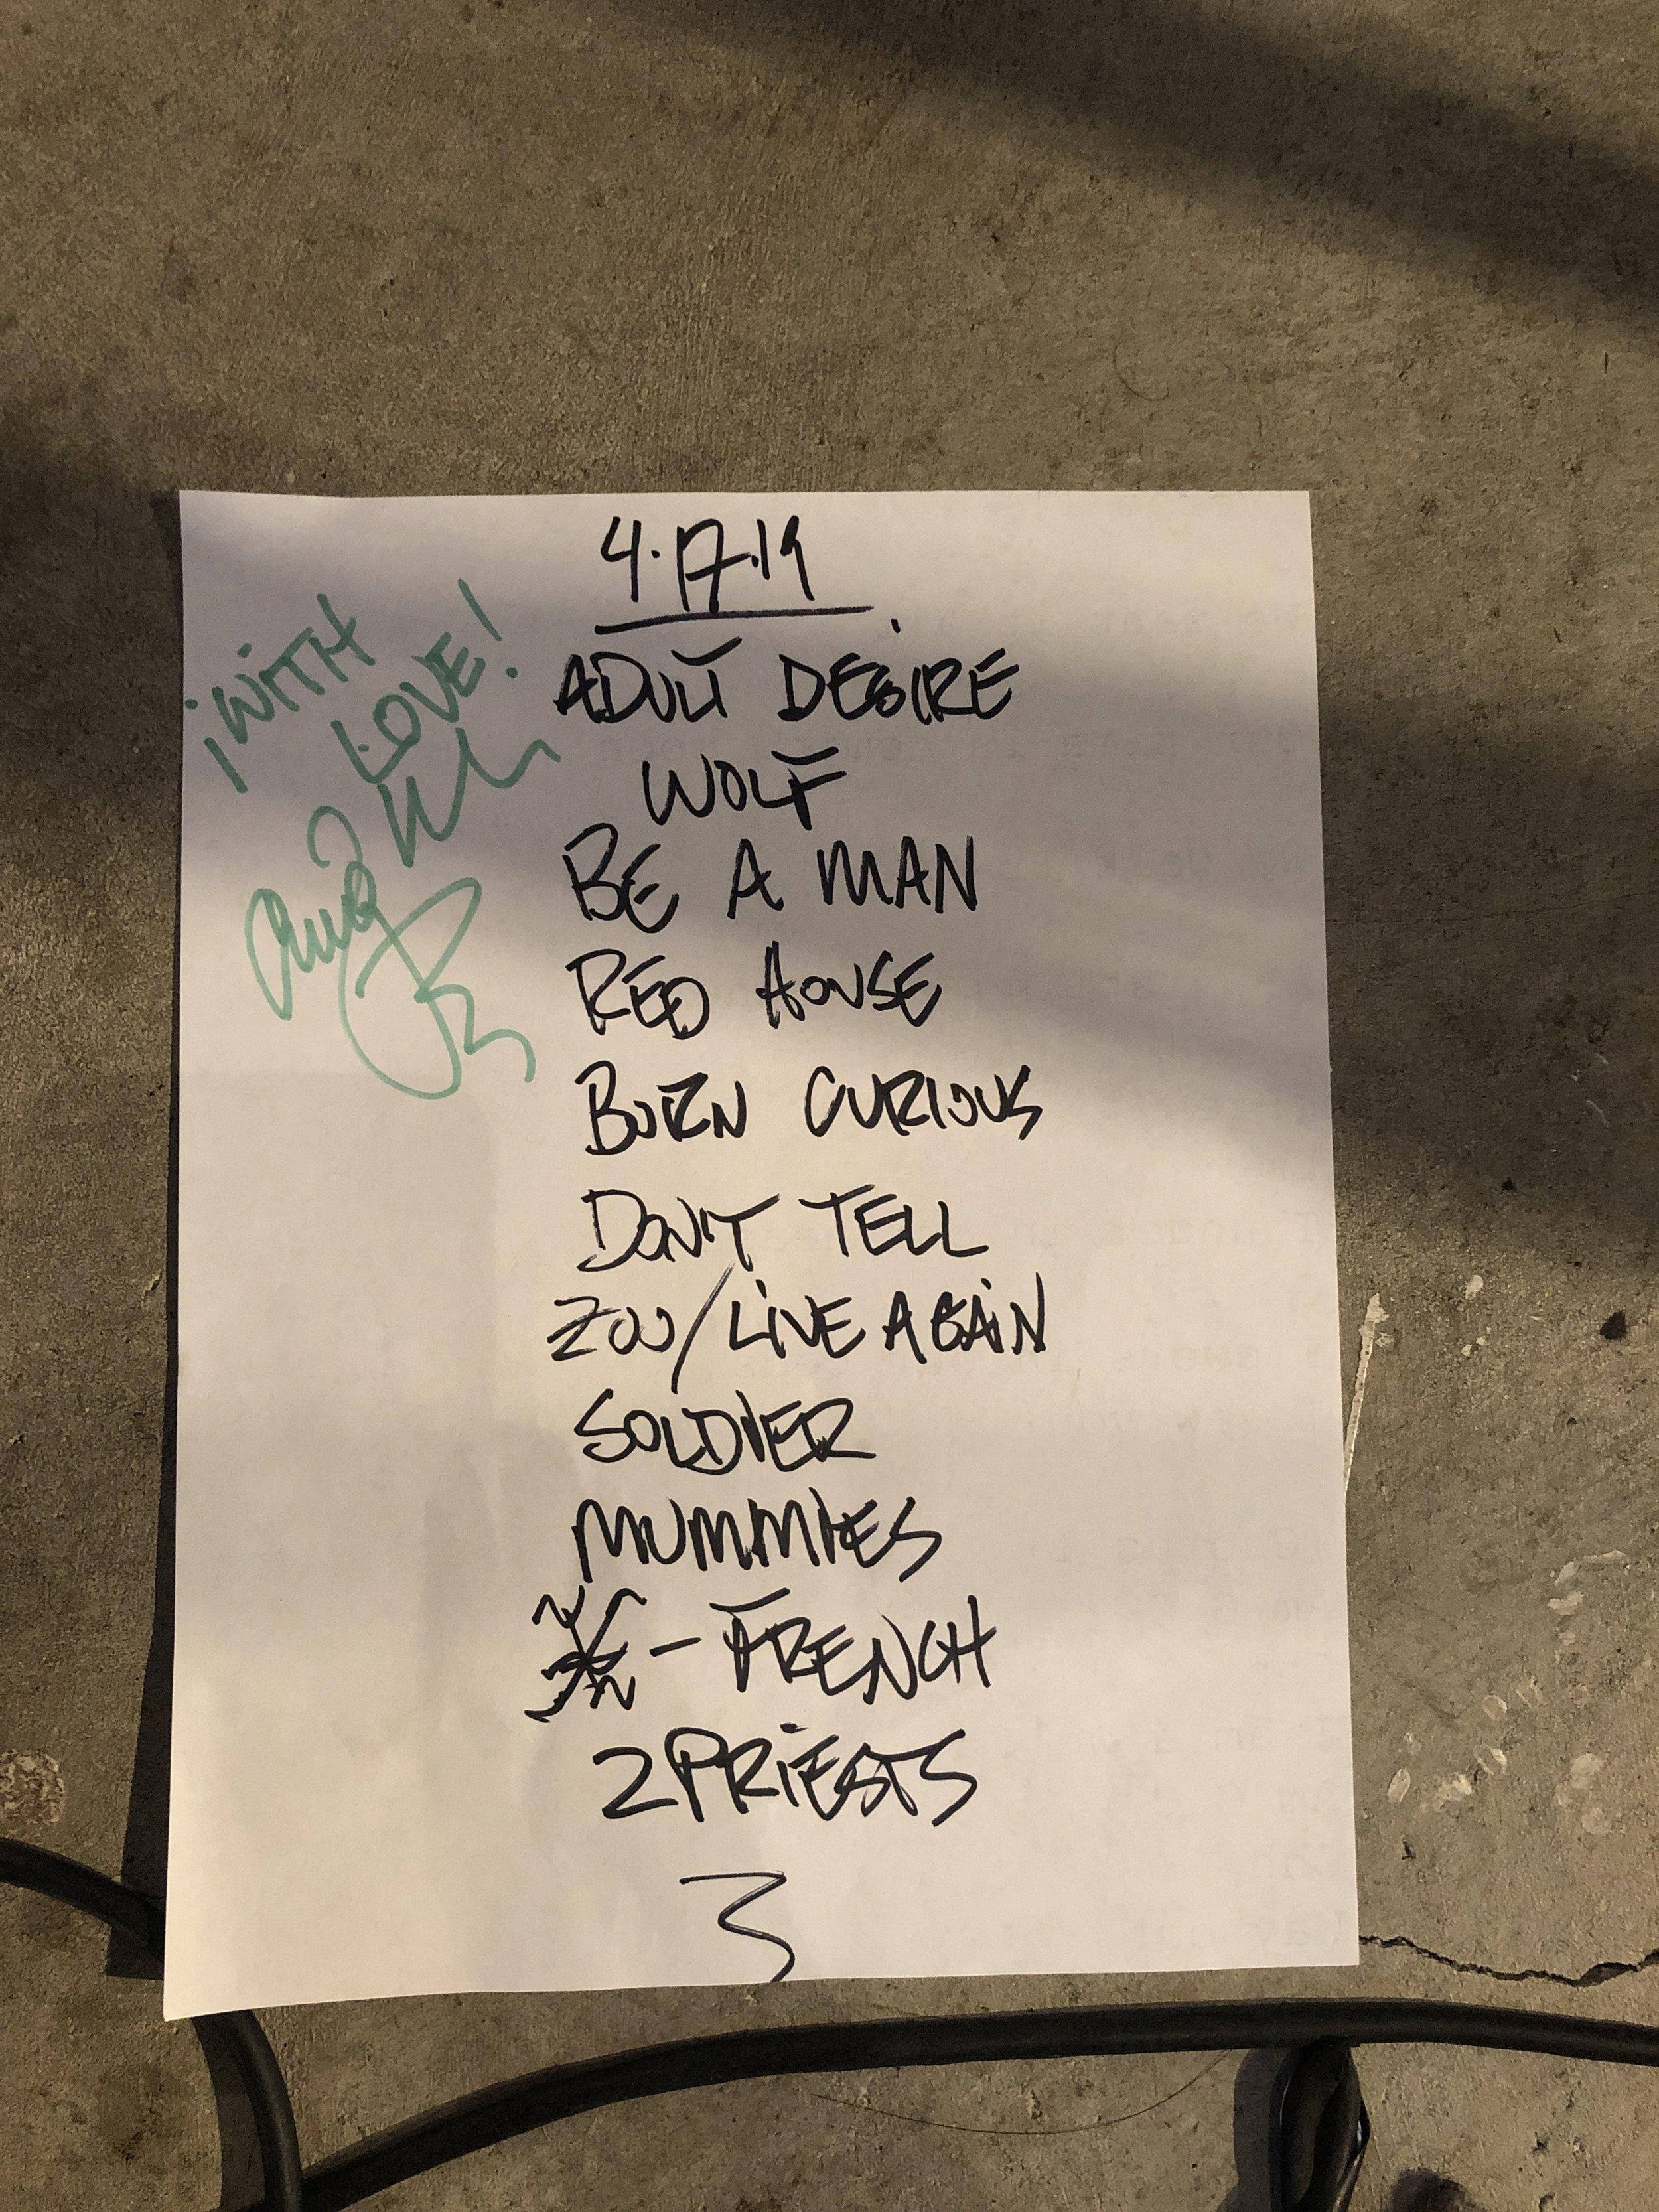 Craig Wedren | Zebulon, LA | 4/17/19